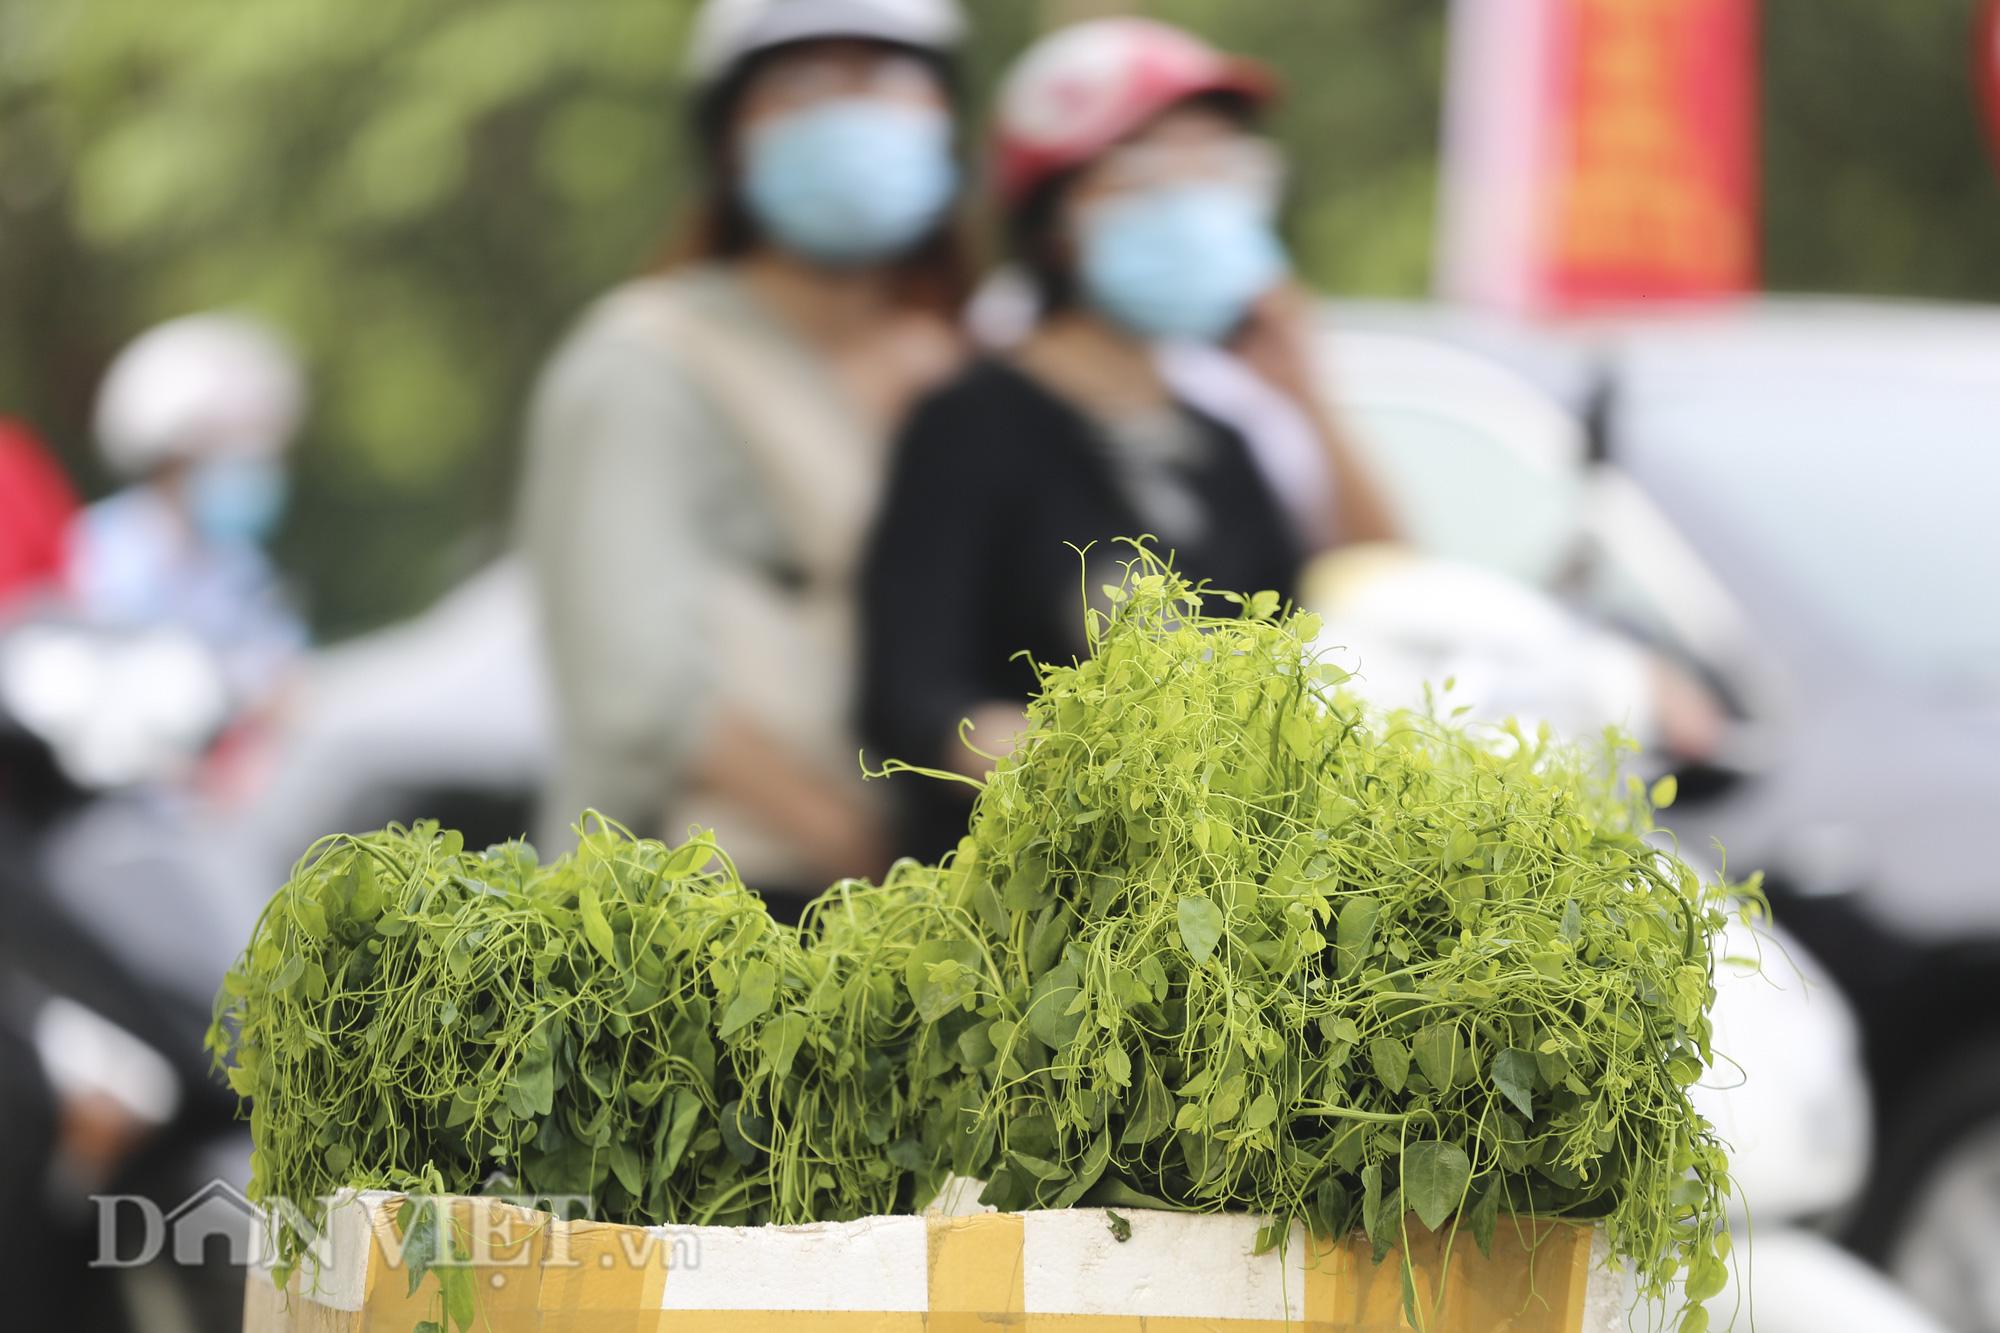 """Đặc sản rau rừng """"bò khai Tây Bắc"""" đổ về Hà Nội, 50.000 đồng/bó vẫn hút khách - Ảnh 5."""